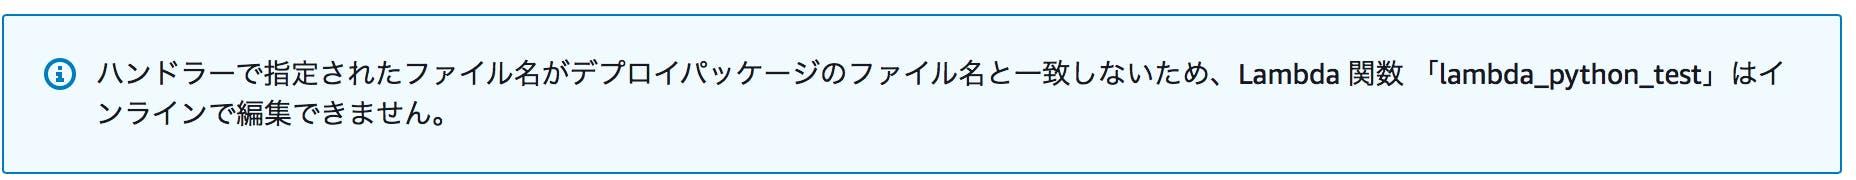 スクリーンショット 2017-11-14 23.54.08.png